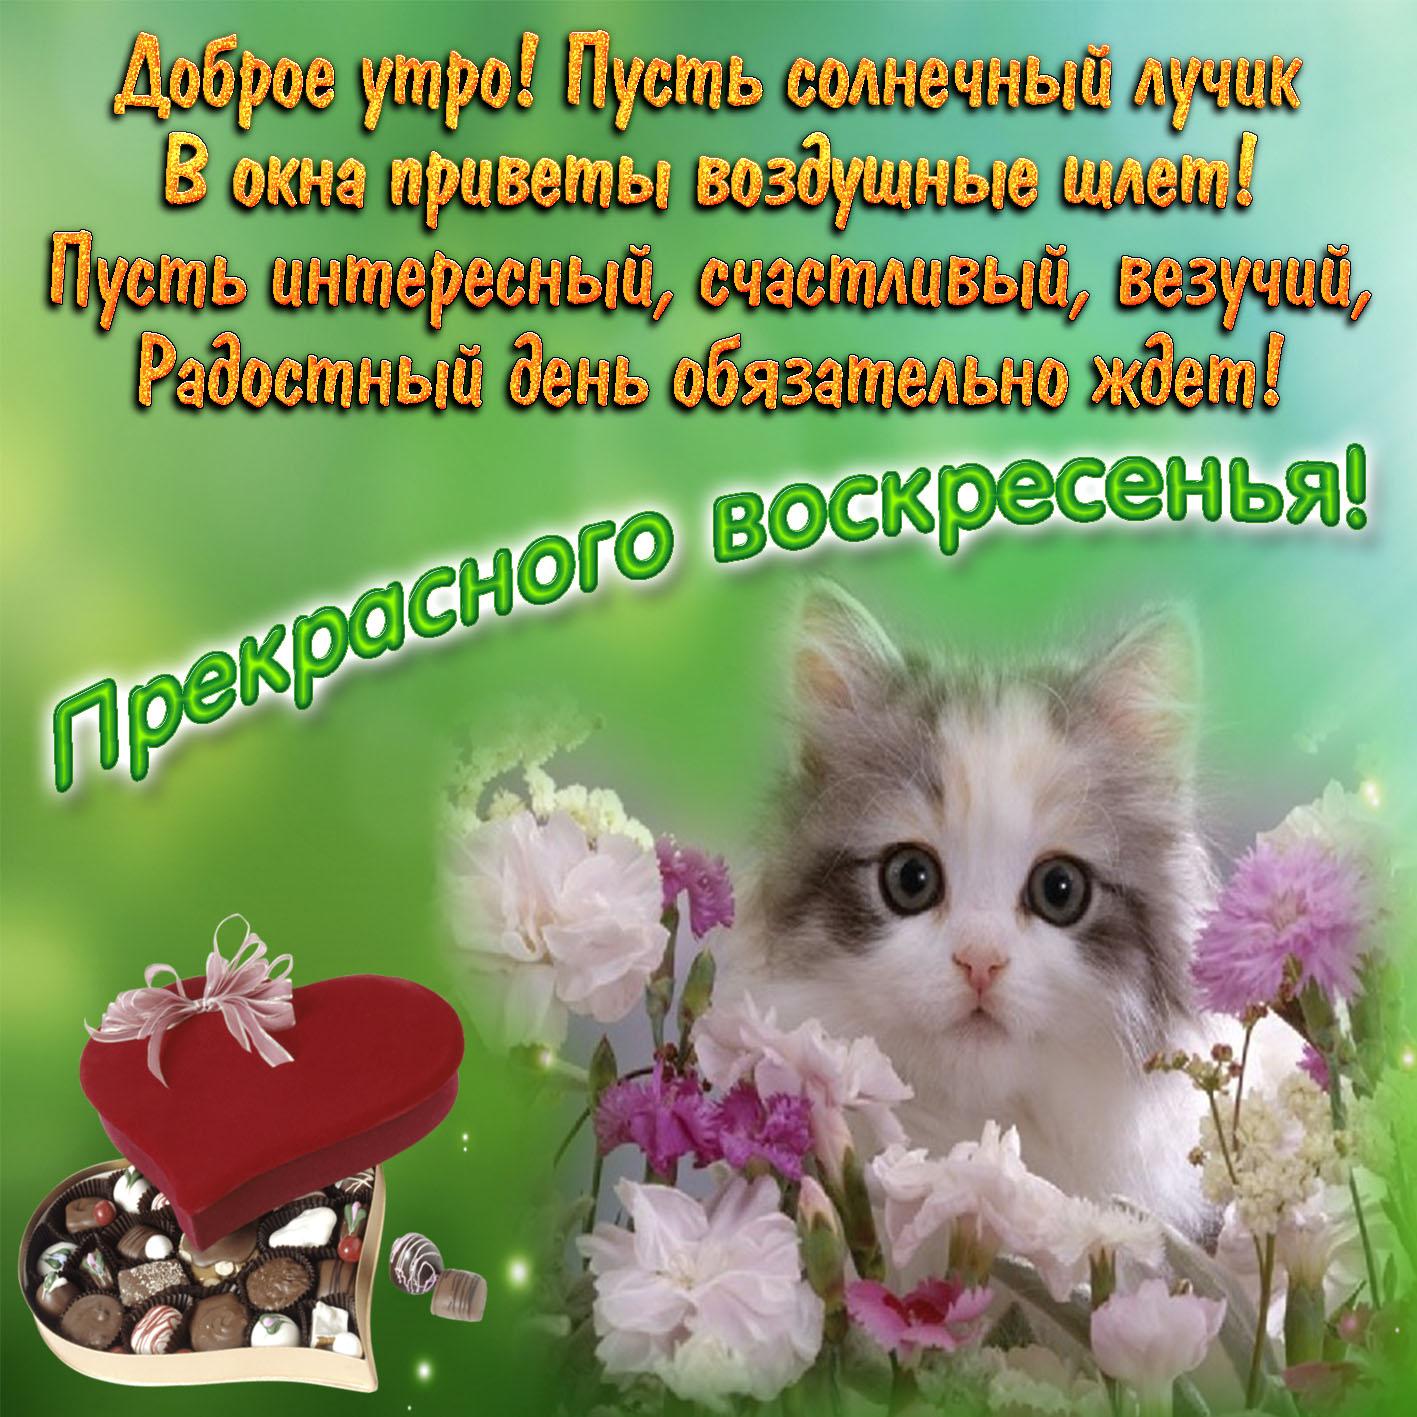 Гифки с пожеланием хорошего дня и отличного настроения в воскресный день